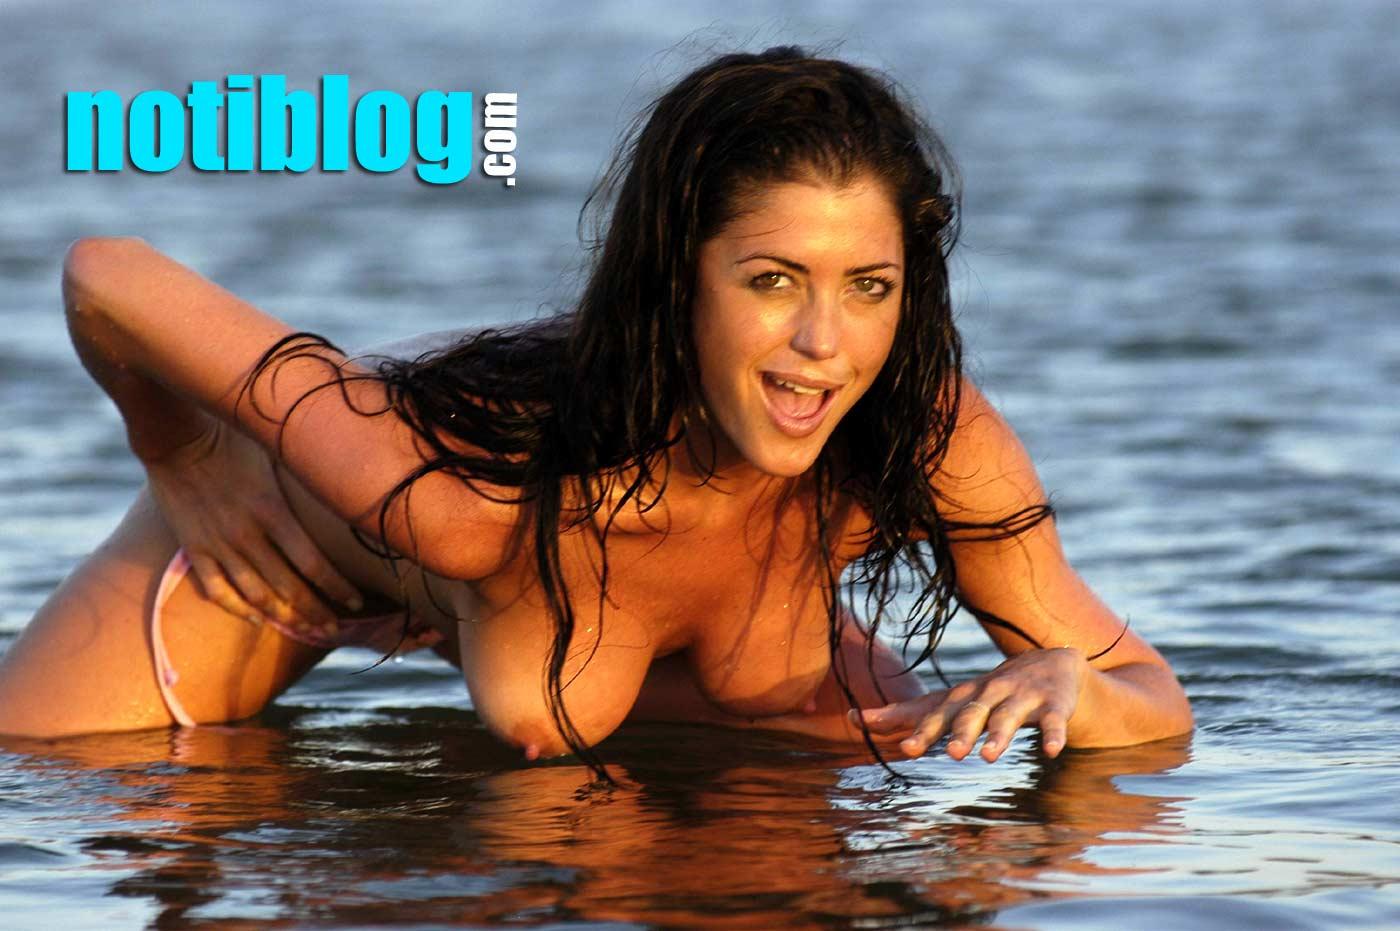 Belen rodriguez famosa argentina como nunca la viste - 3 part 5